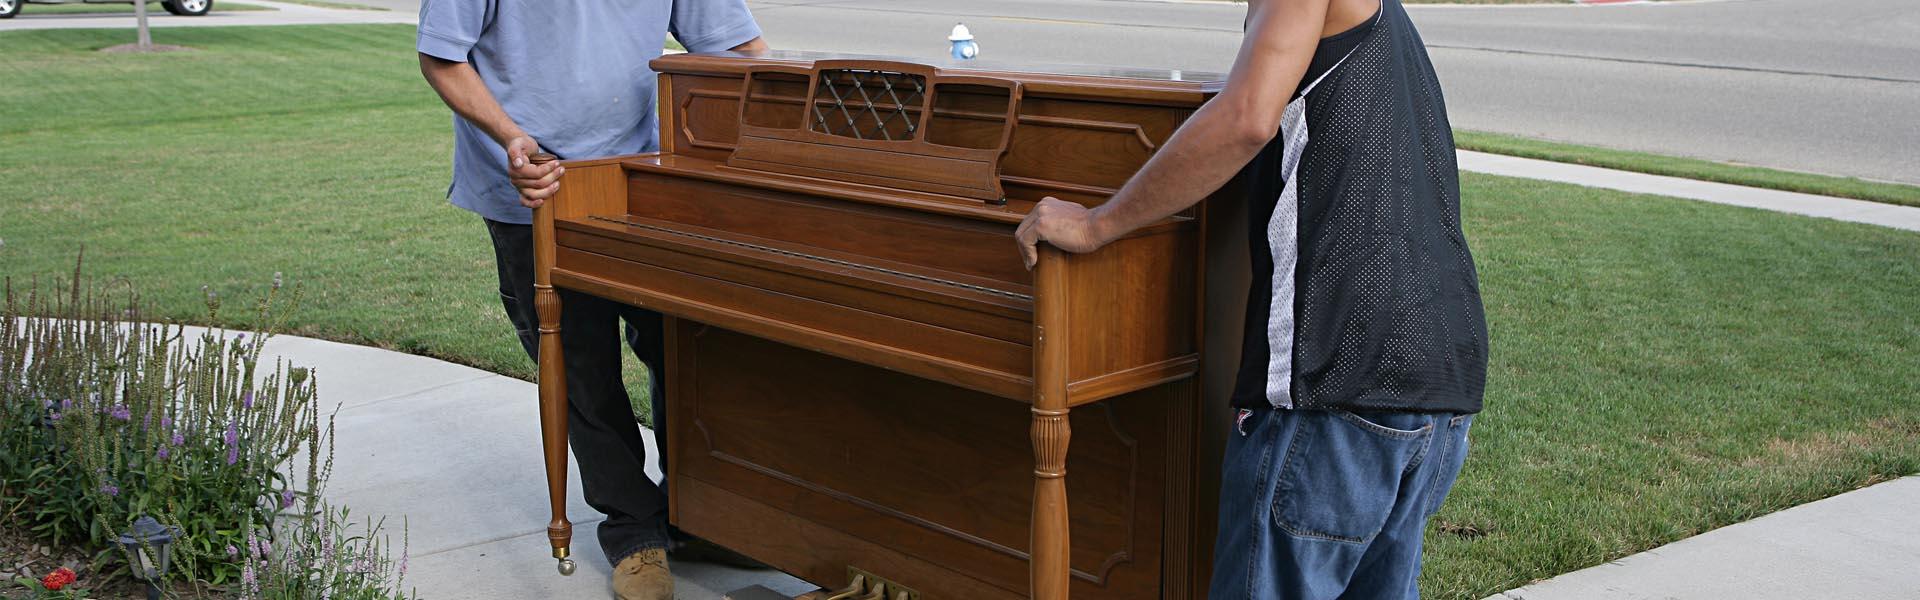 Schreiber-Diesntleistungen-Klaviertransporte-Header-2